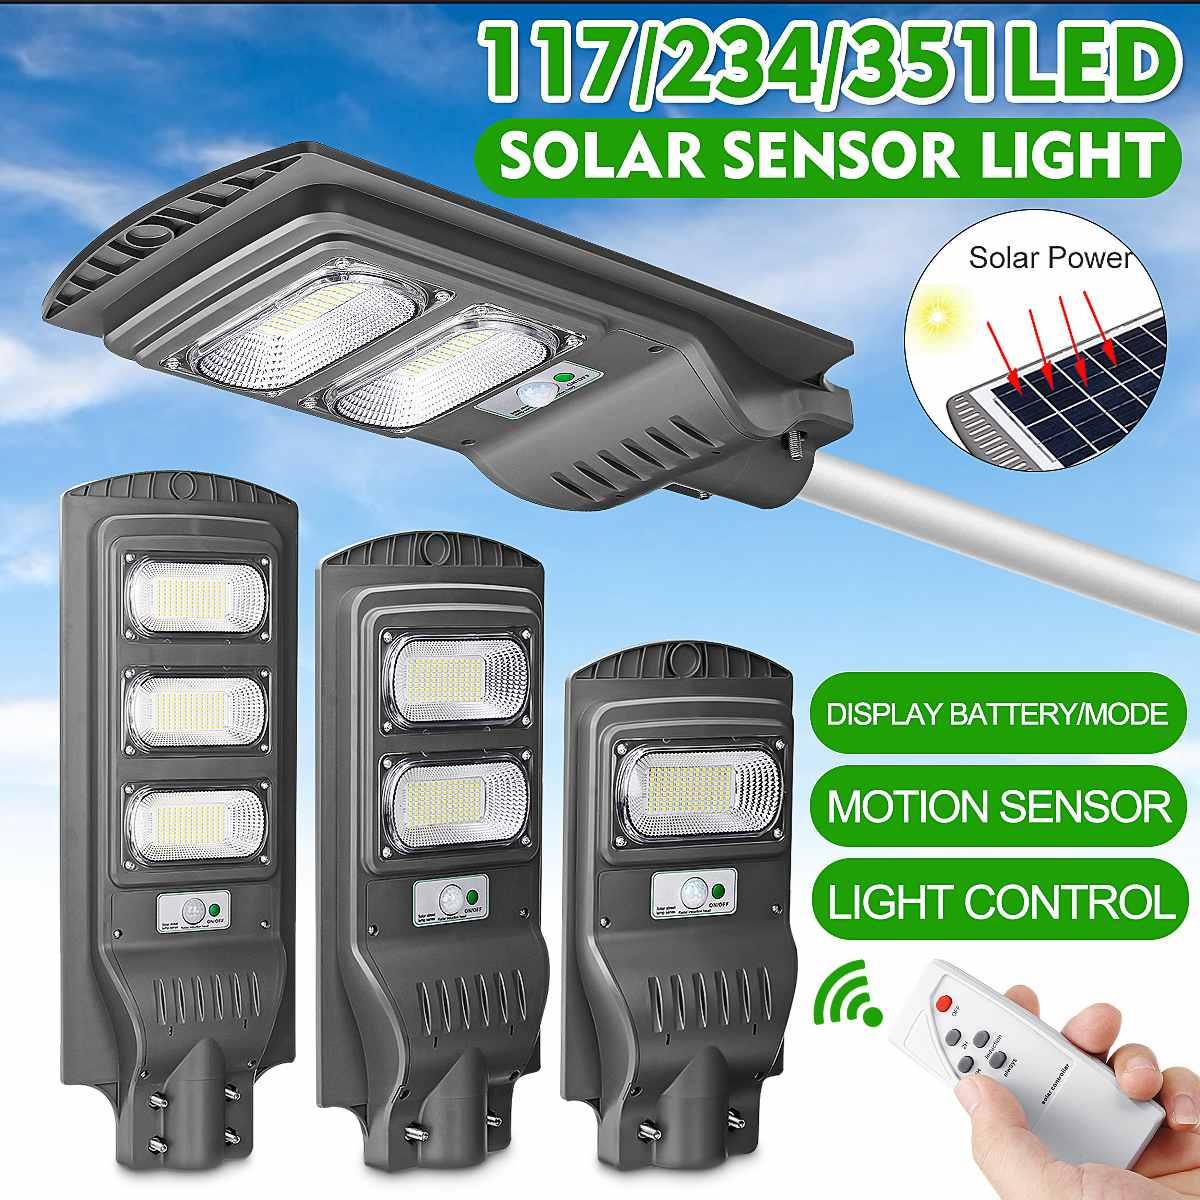 Smuxi 120w/240w/360w conduziu a luz de rua solar à prova dwaterproof água ip65 pir sensor movimento ~ controle remoto ao ar livre iluminação lâmpada segurança